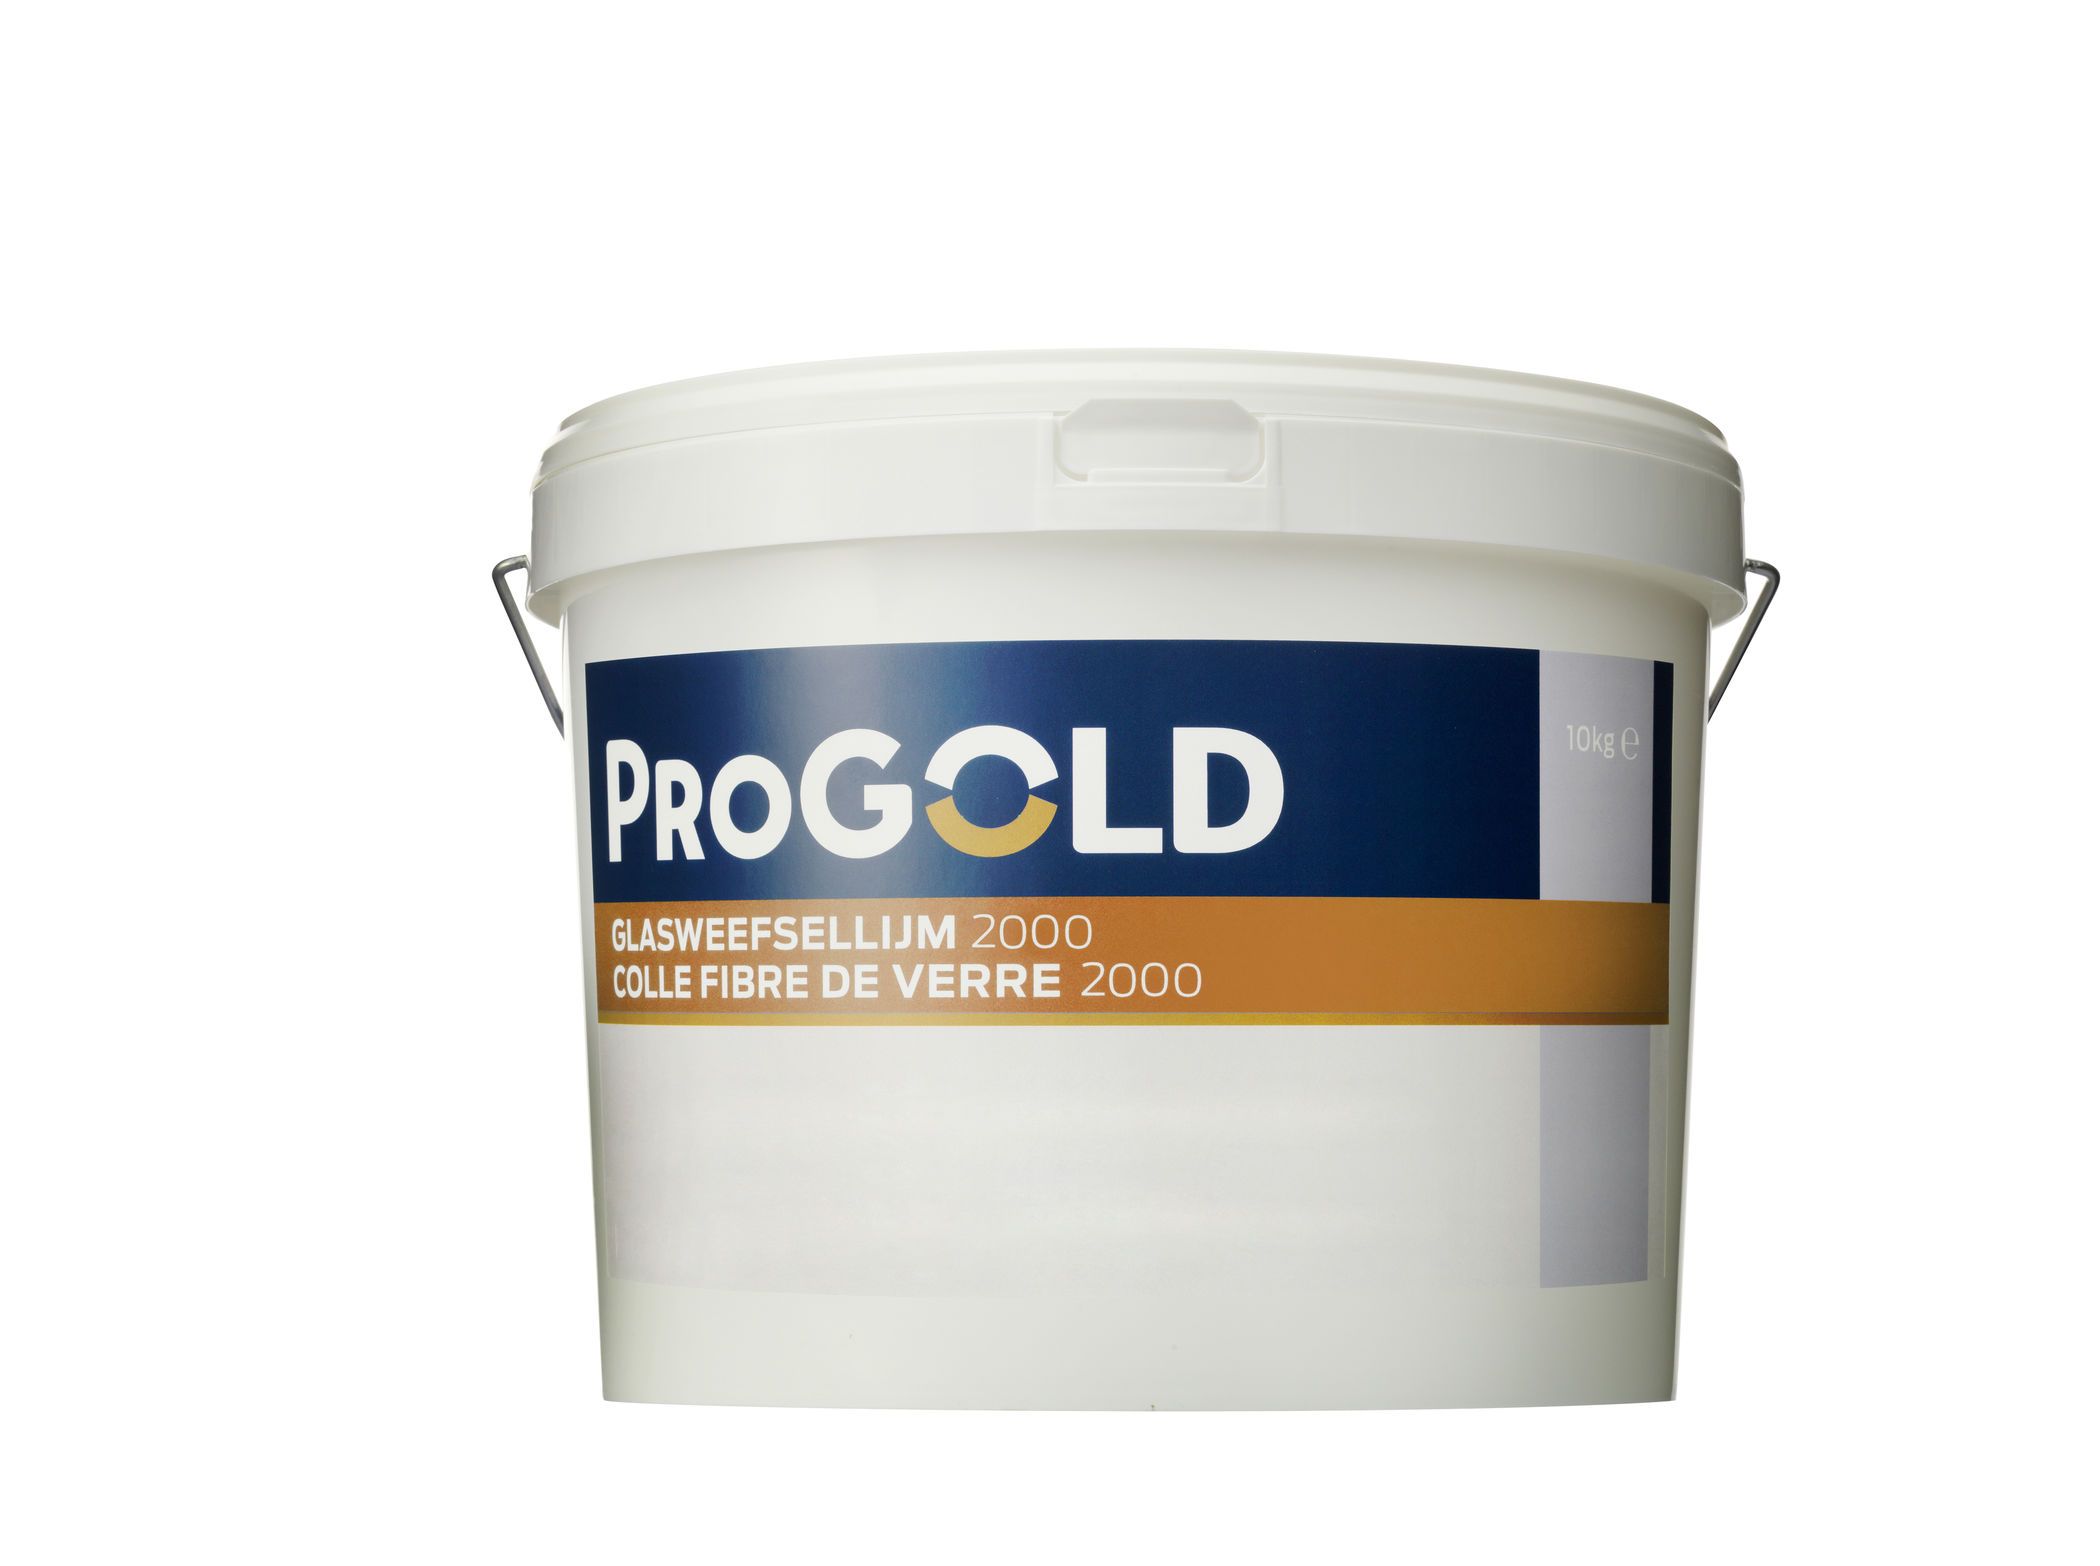 ProGold Glasweefsel en Vliesbehanglijm Transparant 2000